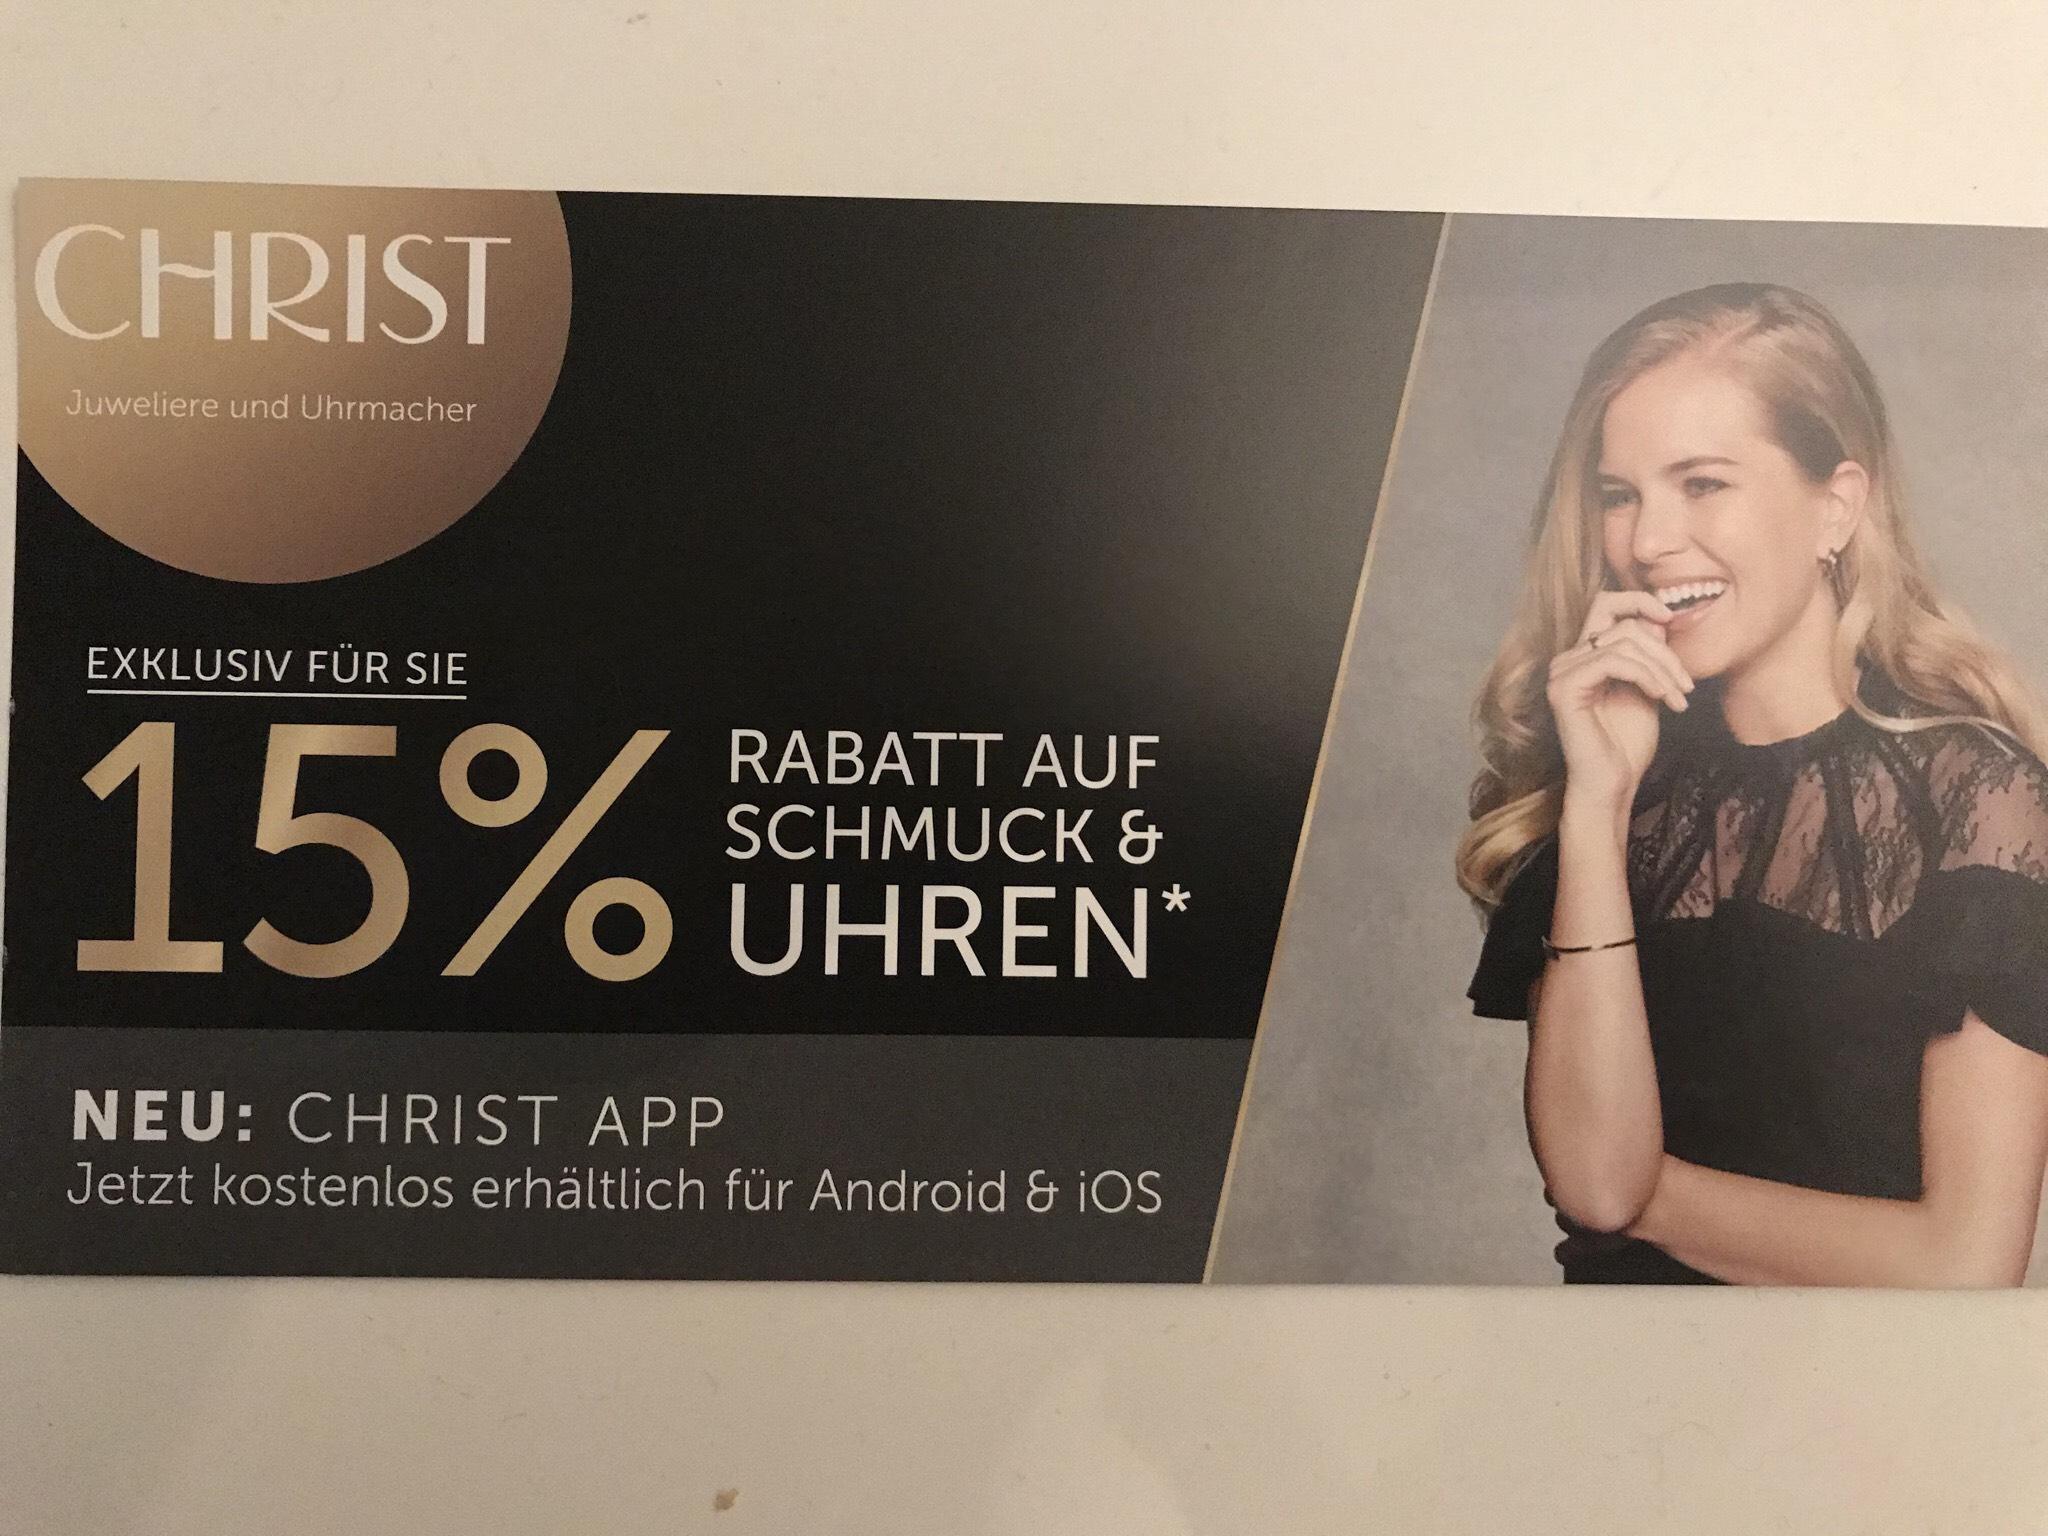 CHRIST.de -15% auf Eigen-/ Exklusivmarken